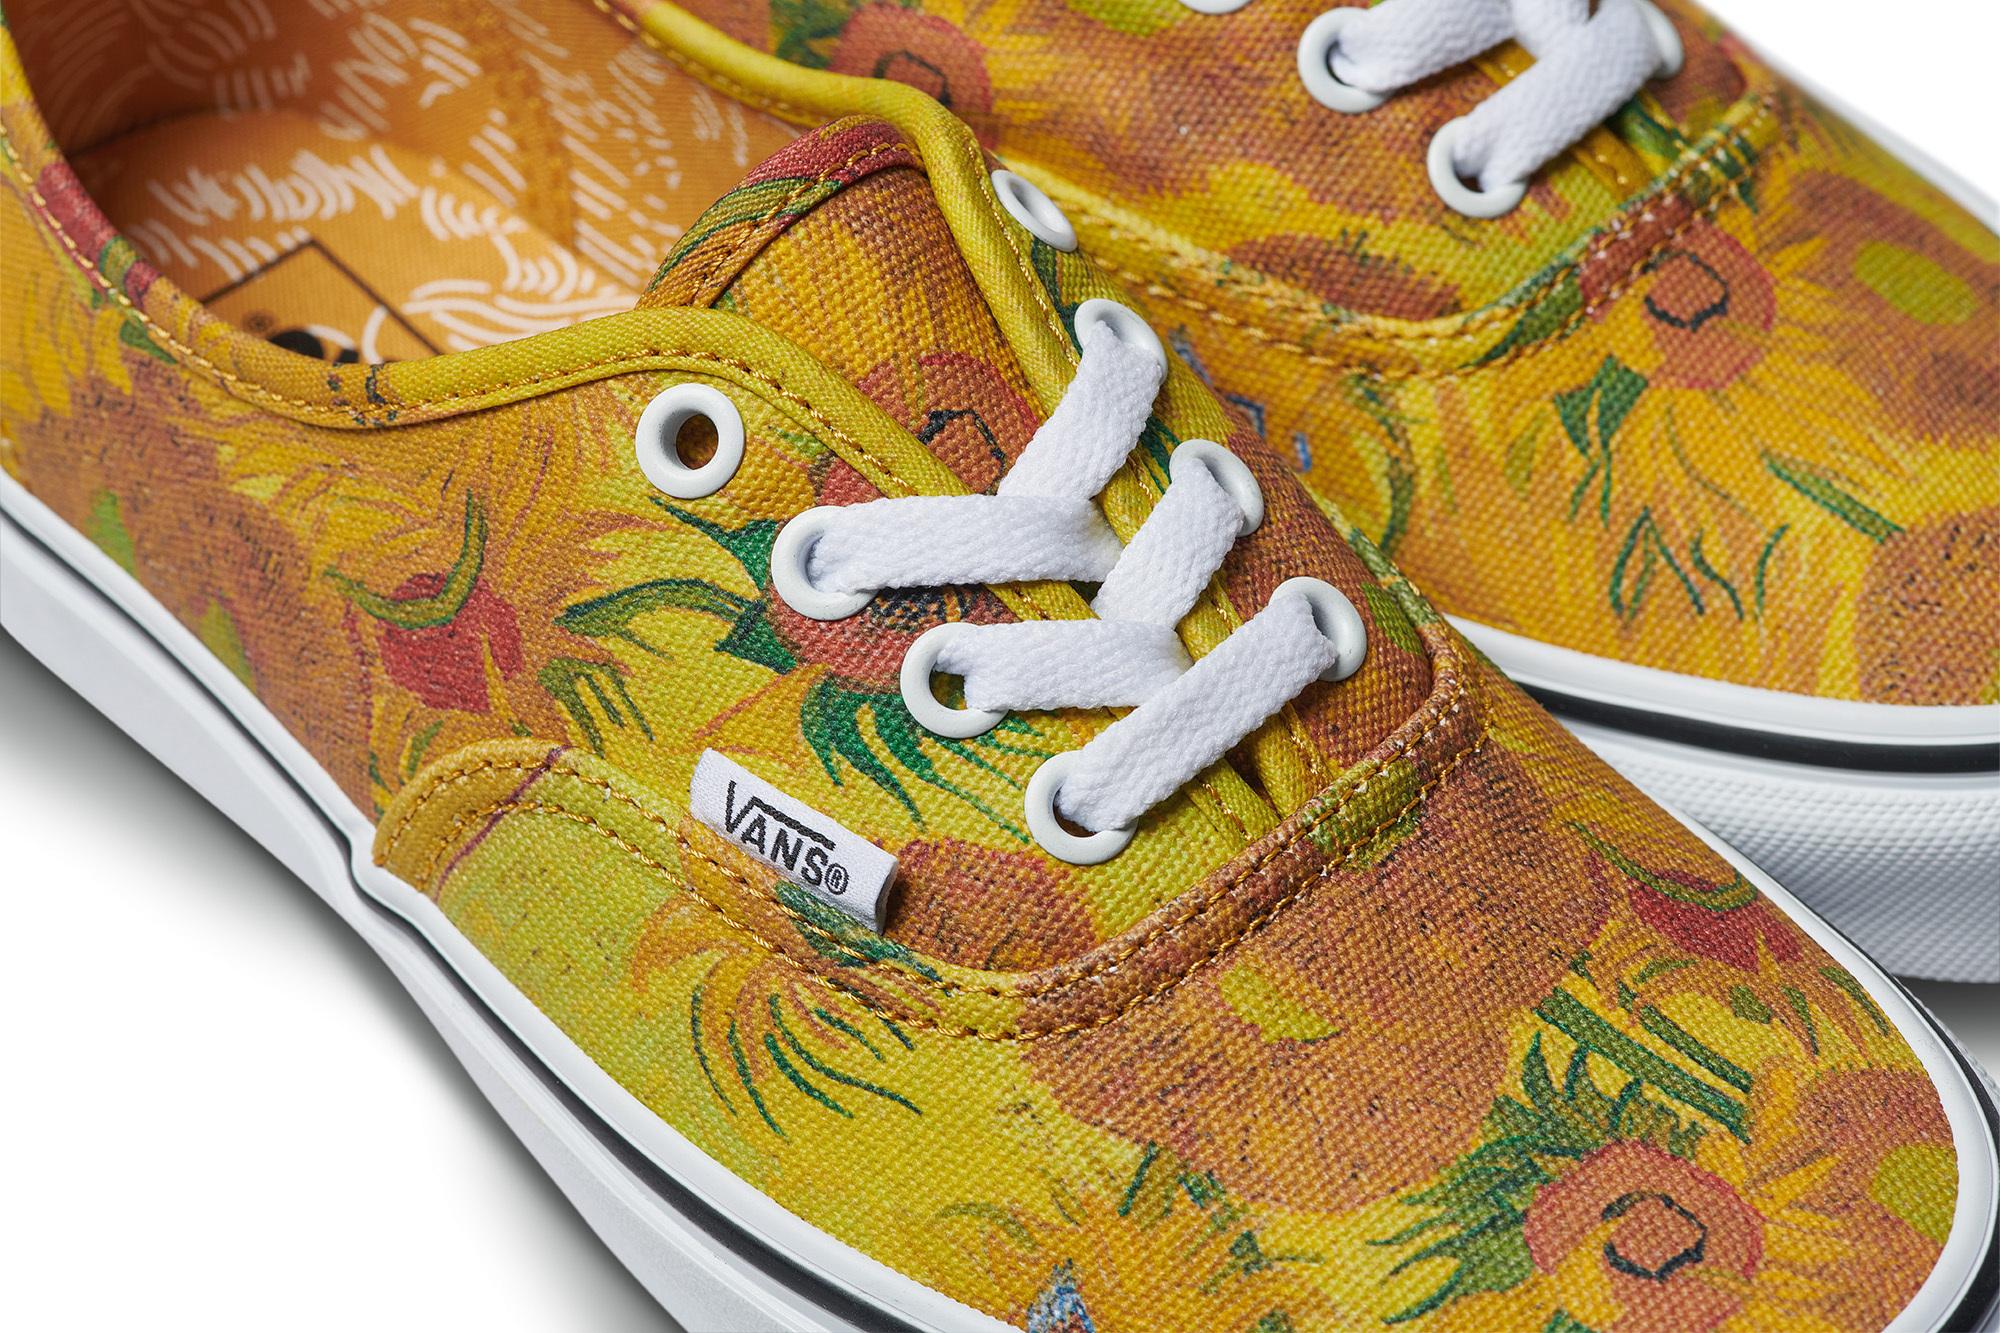 especial para zapato gran descuento exuberante en diseño Vans lanza una colección de zapatillas inspiradas en Van Gogh